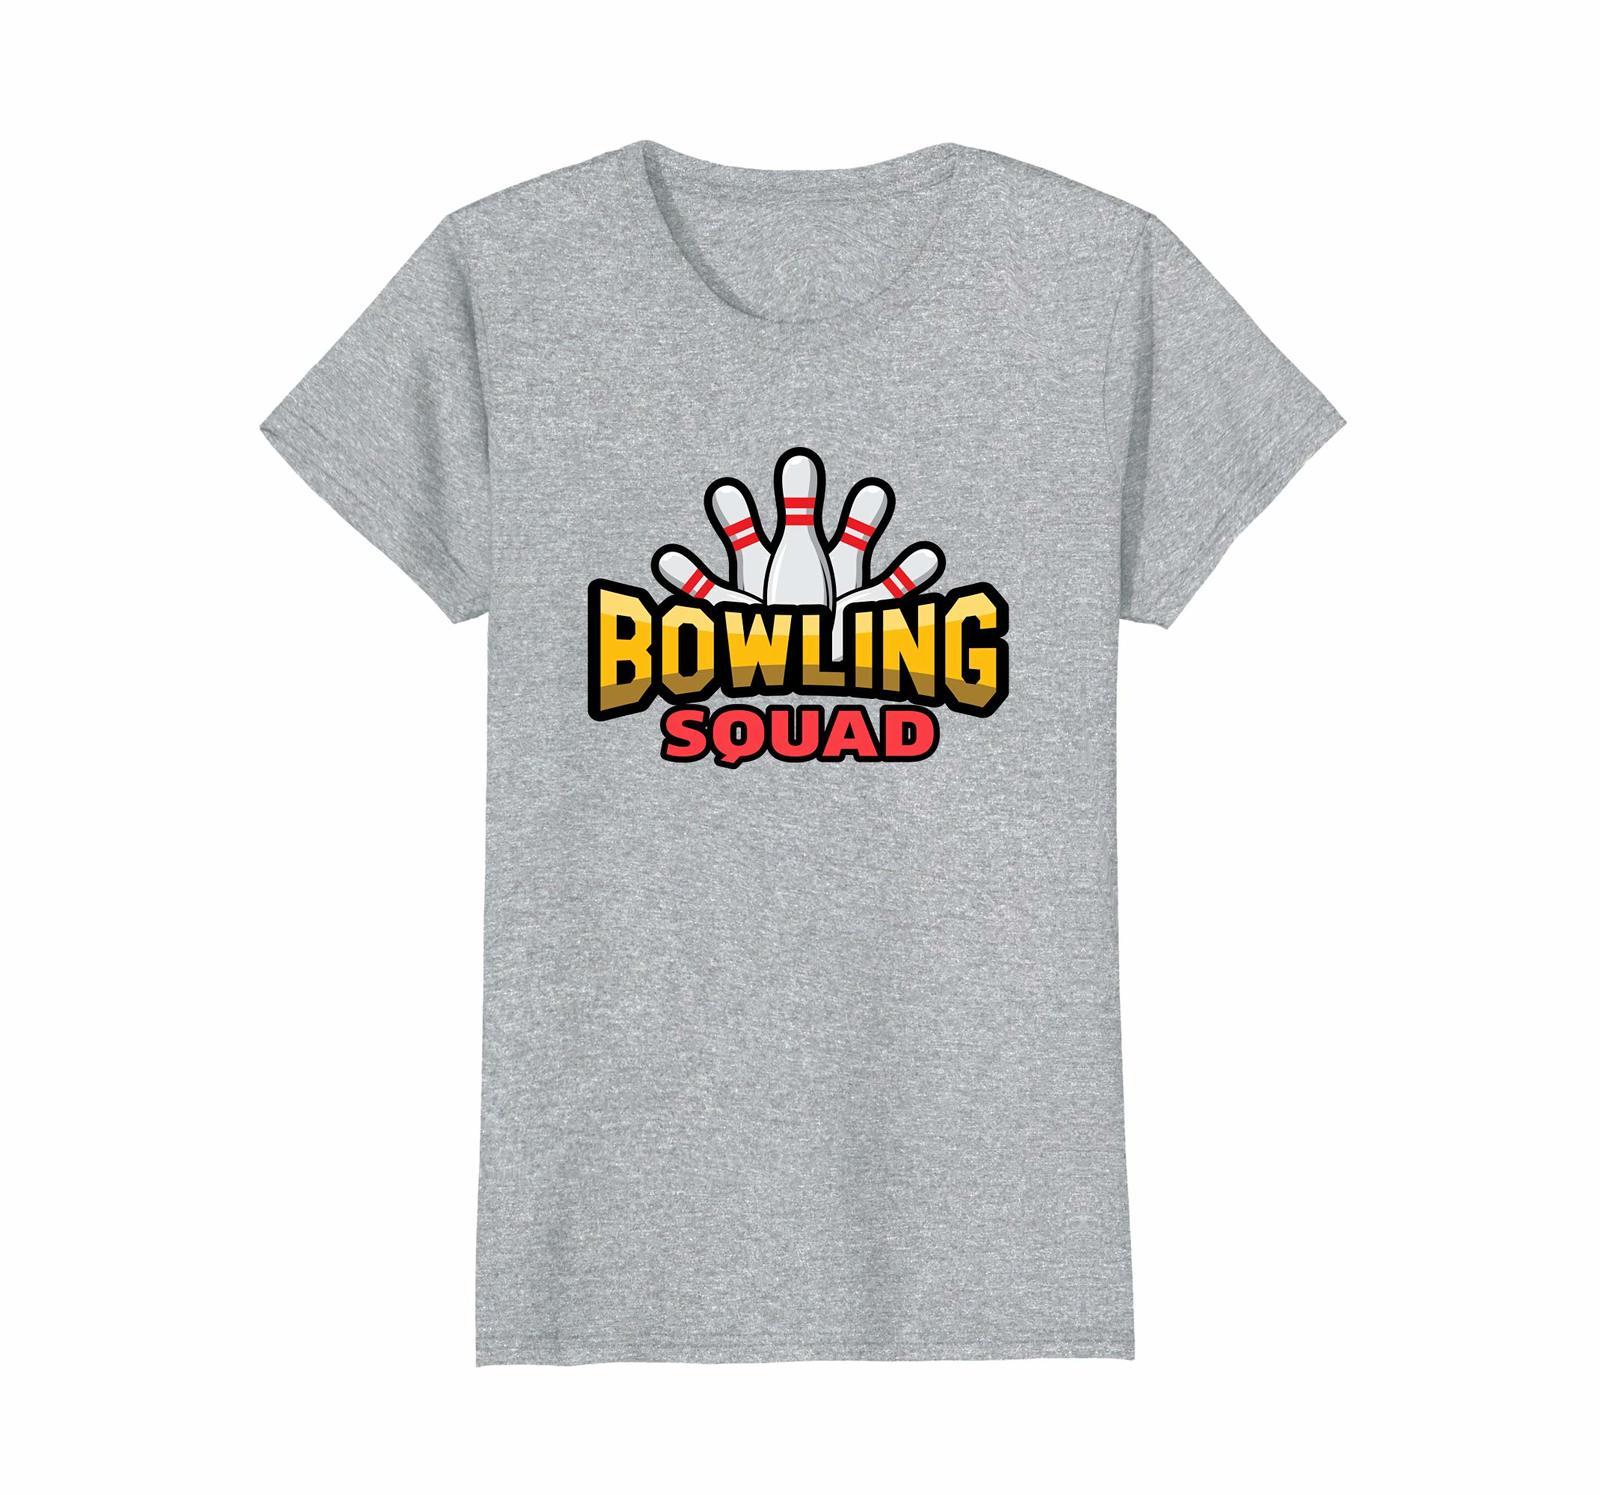 Funny Tee - Bowling Squad Shirt